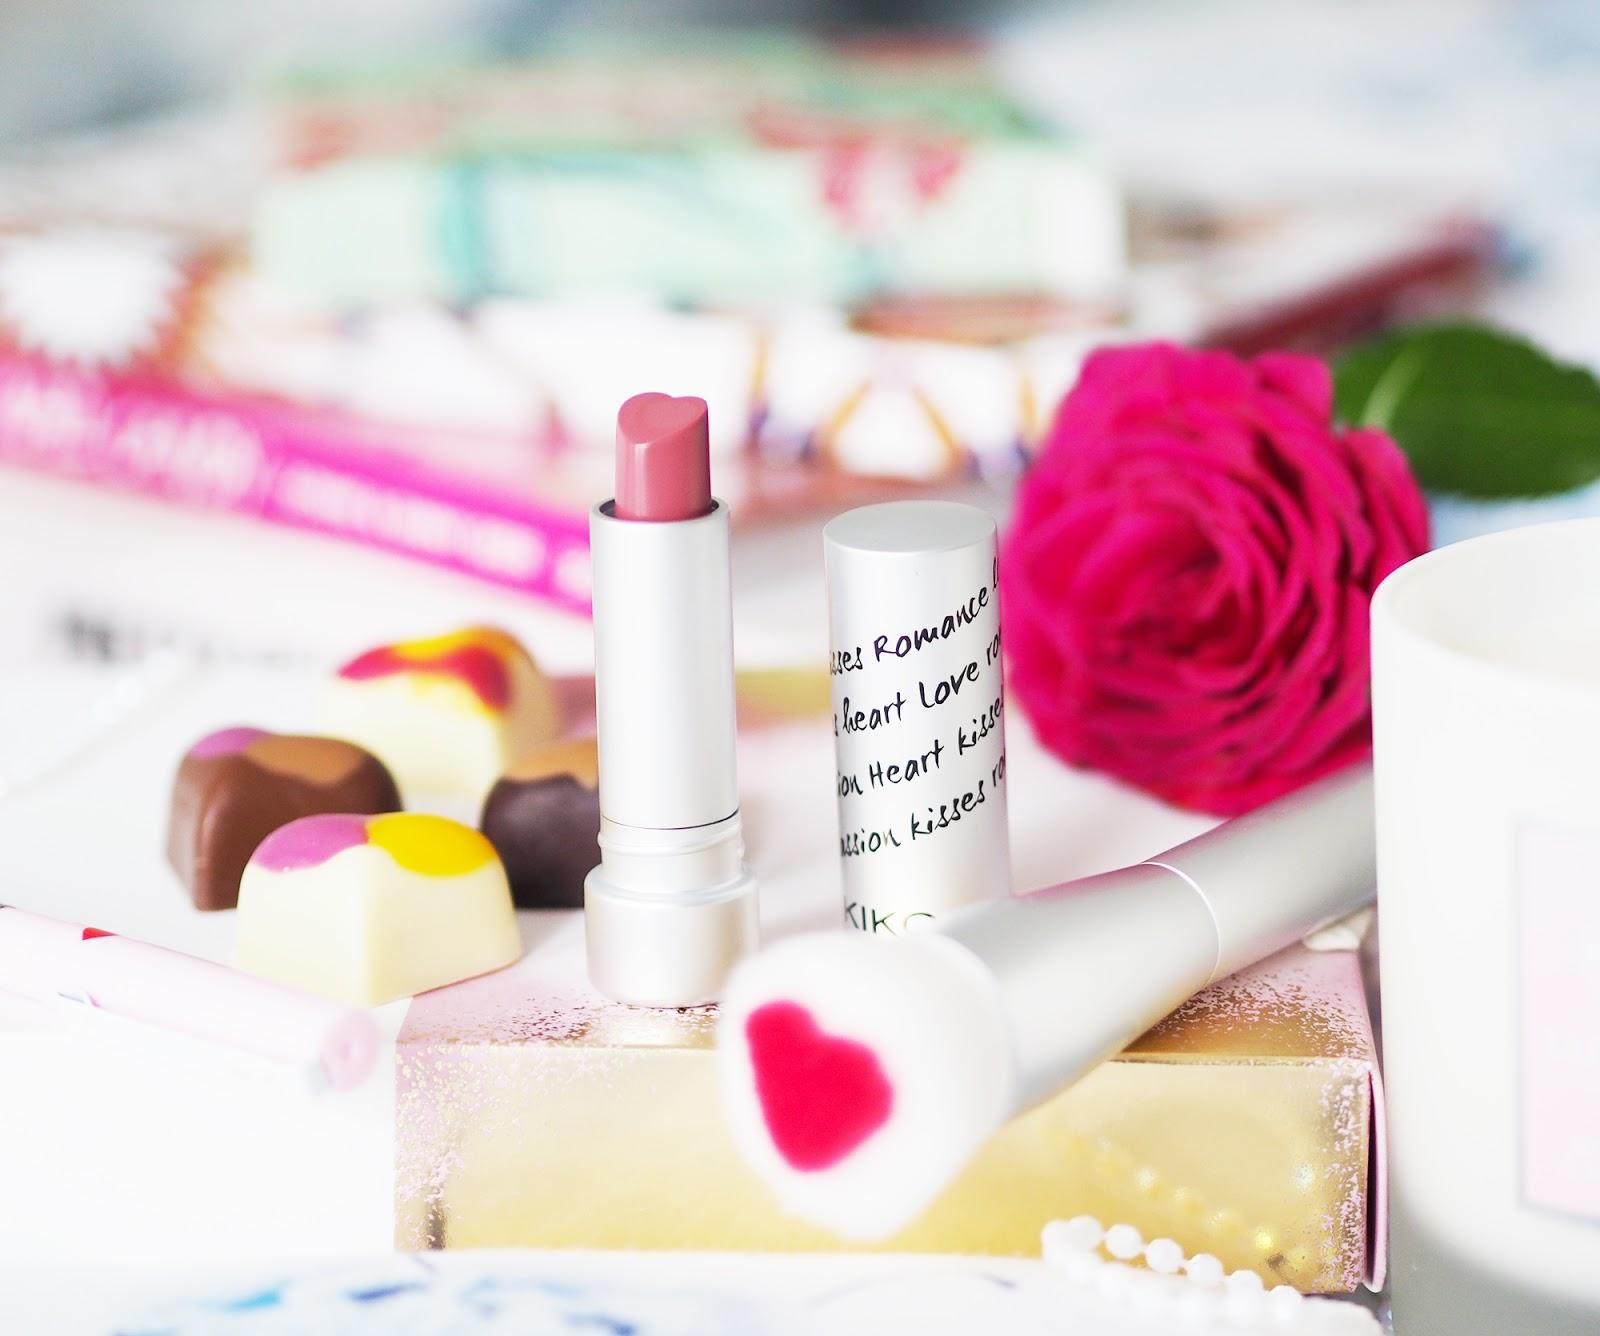 Valentine's gift ideas - Kiko heart shaped lipsticks